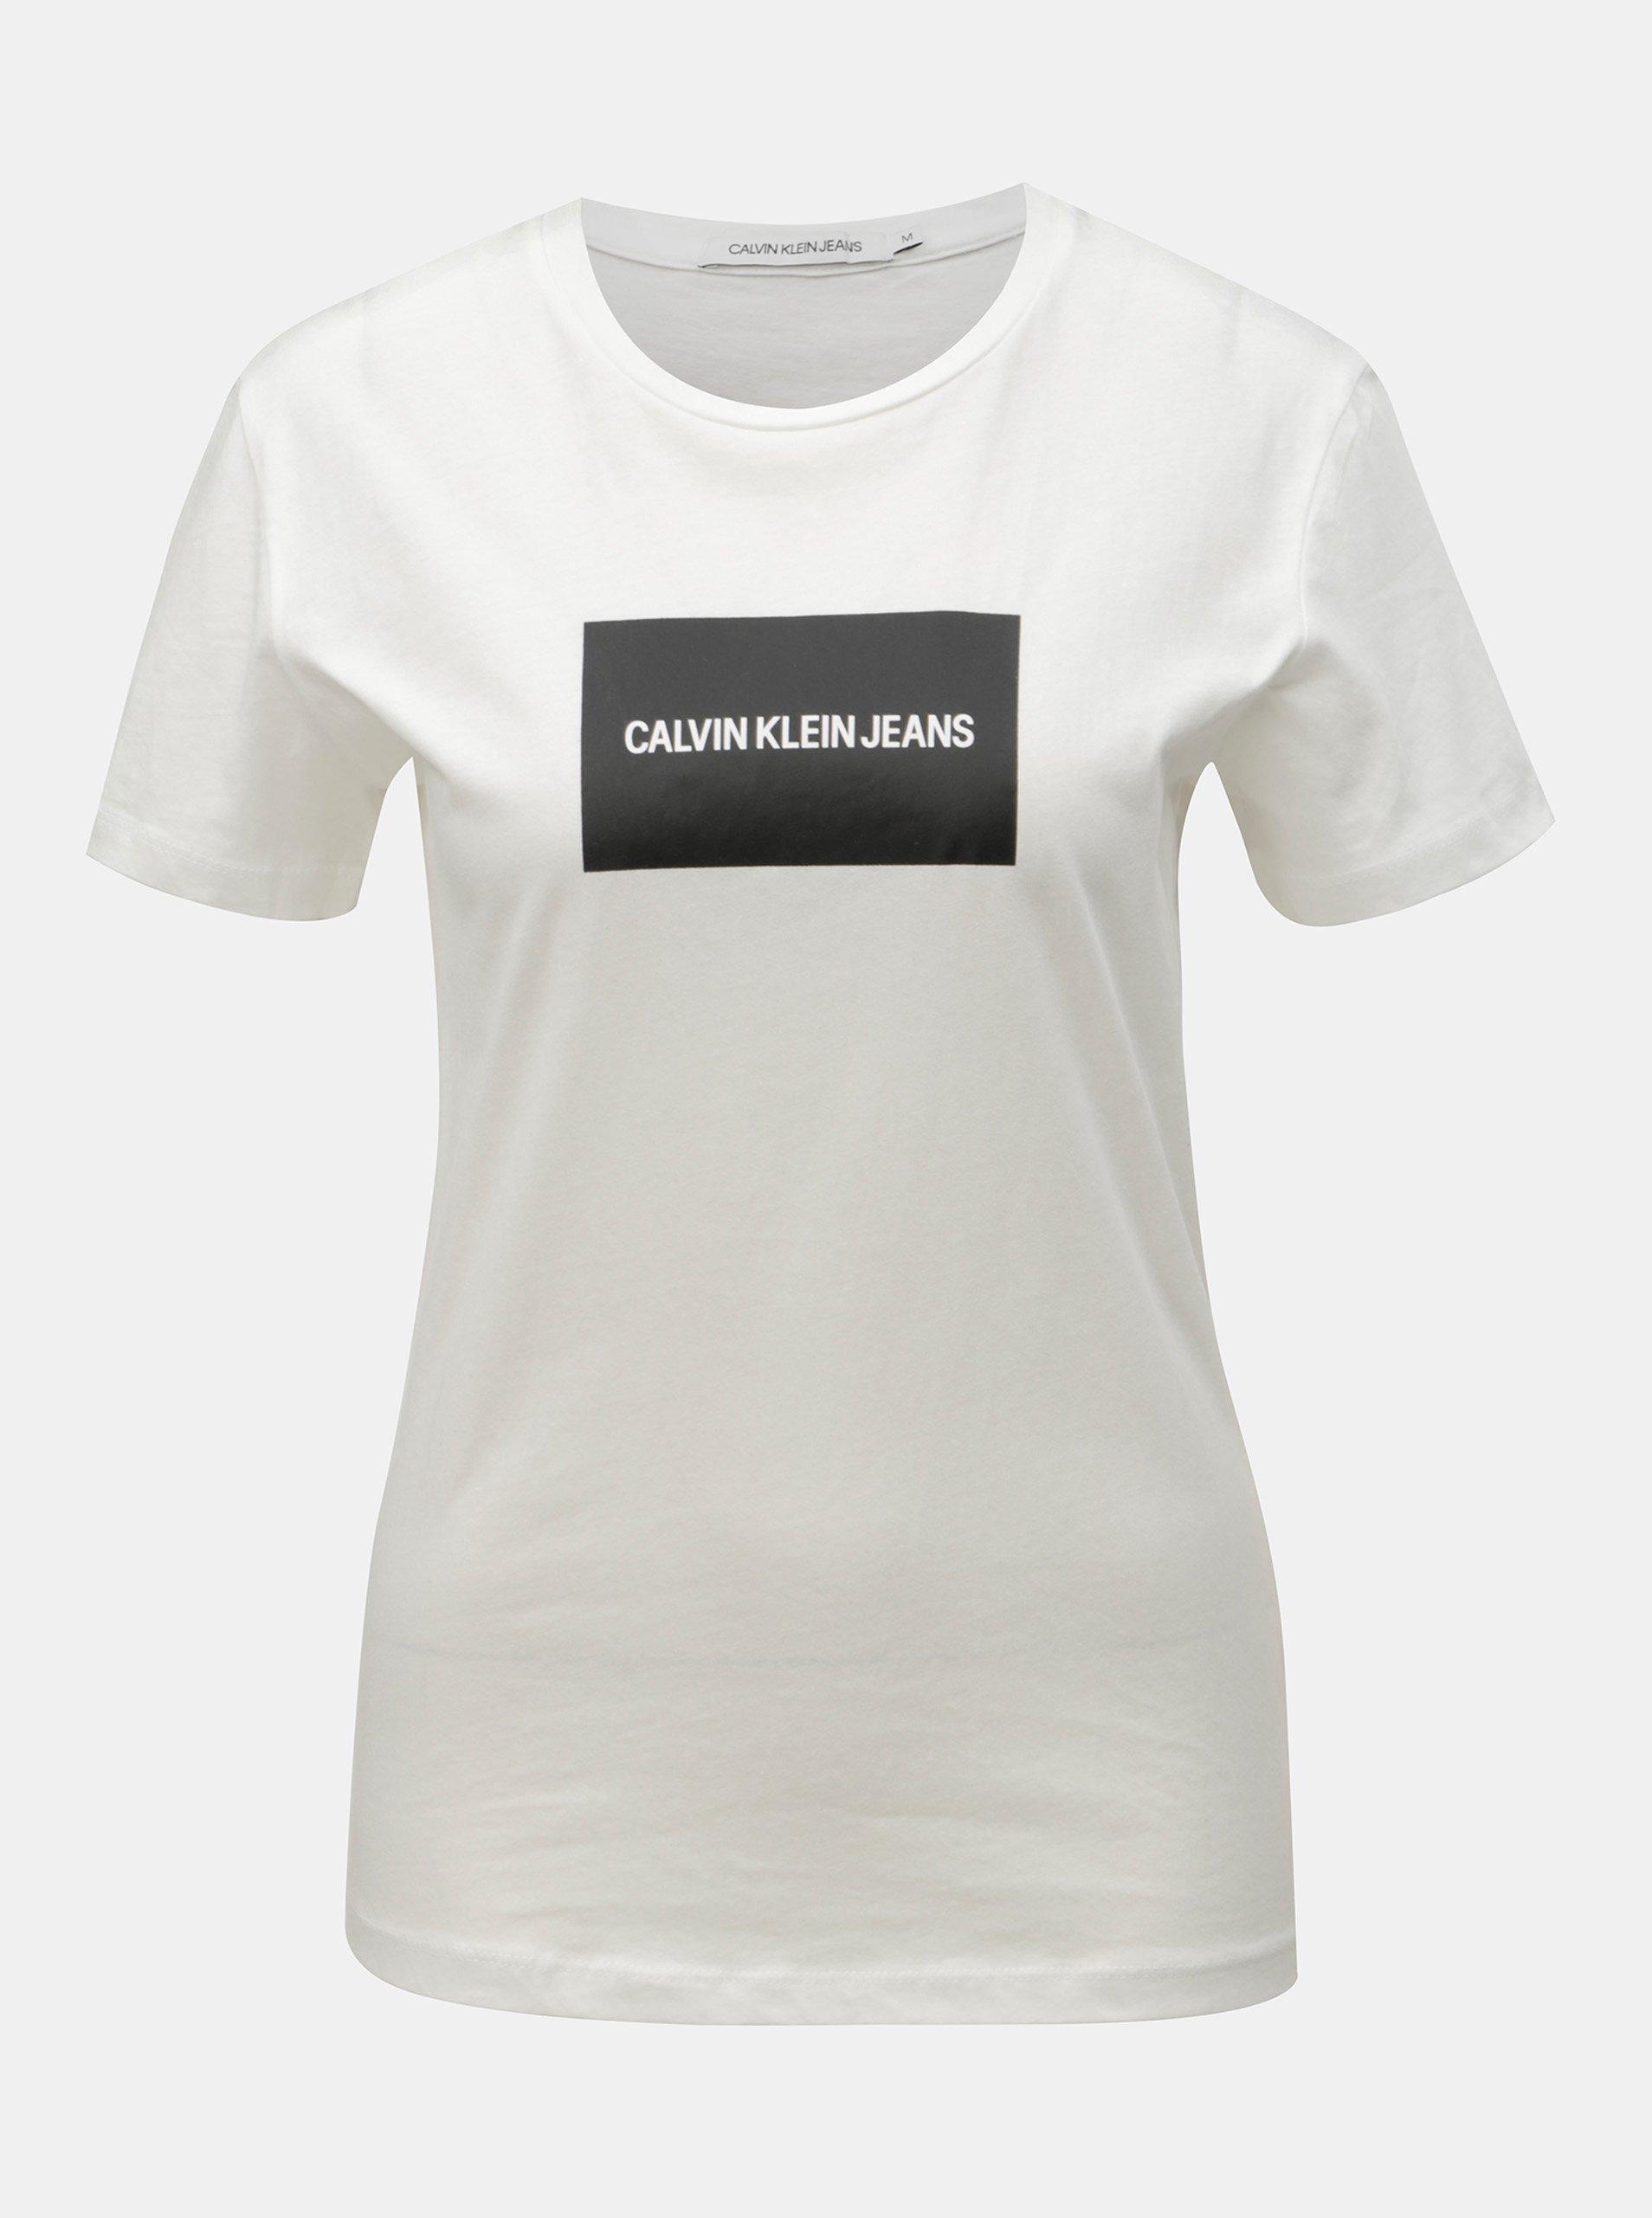 44798e93b930 Bílé dámské tričko s potiskem Calvin Klein Jeans